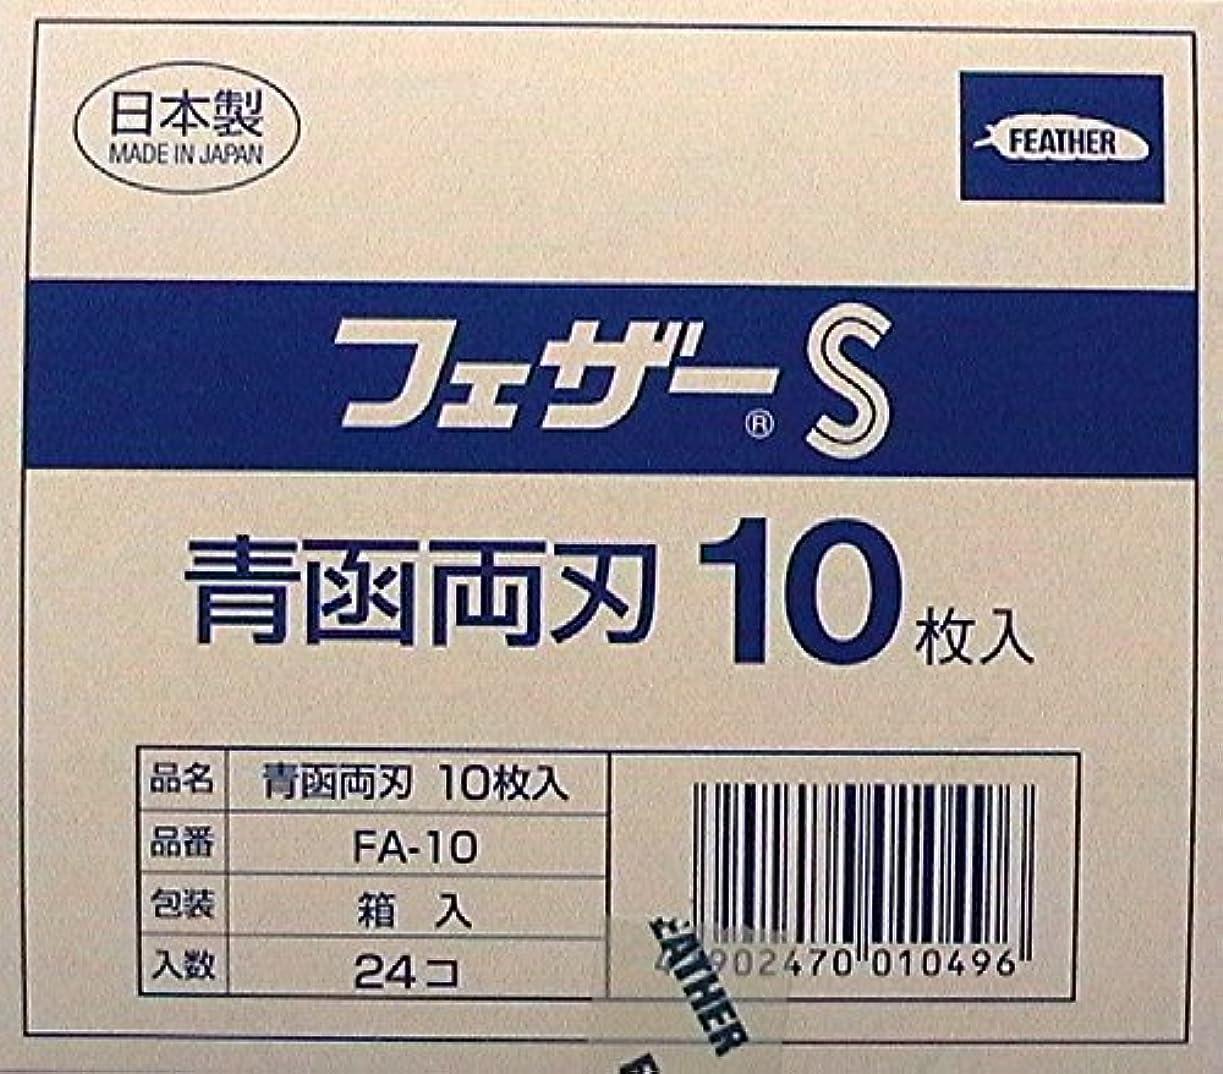 方向磨かれた回転フェザーS 青函両刃FA-10 箱入り 10枚入り×24箱(240枚入り)